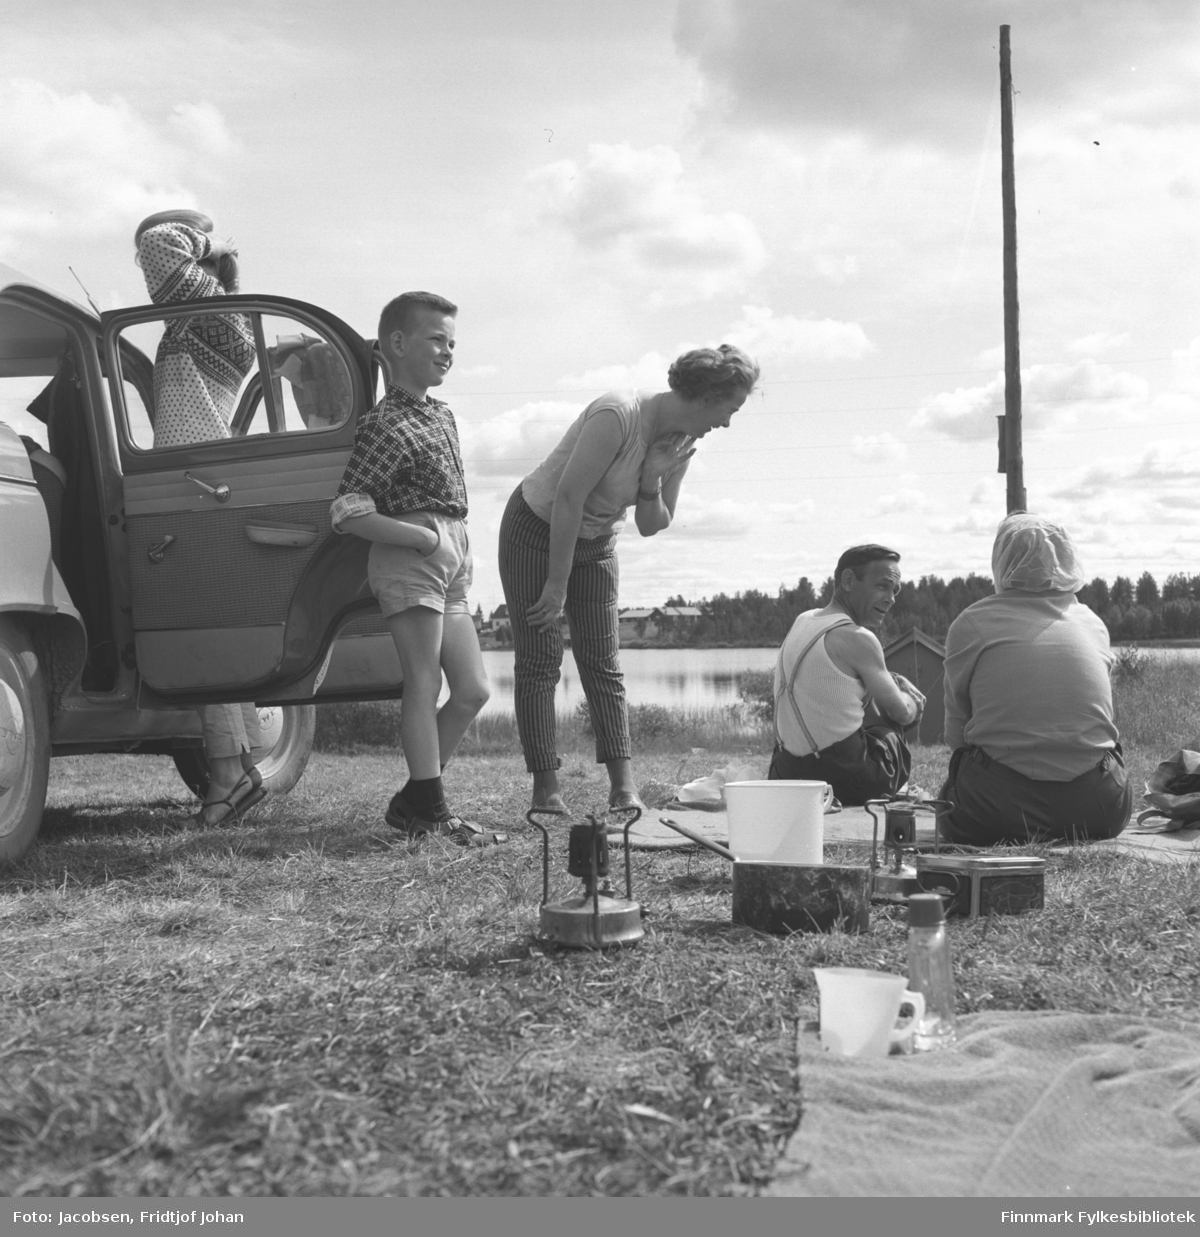 Familien Jensen og familien Jacobsen tar seg en rast. Fra ferietur i Nord-Sverige sommeren 1960. Fra venstre: Randi Ingun Jensen, Trond Jensen, Gyda Jensen, Aksel Jensen og Aase Randi Jacobsen